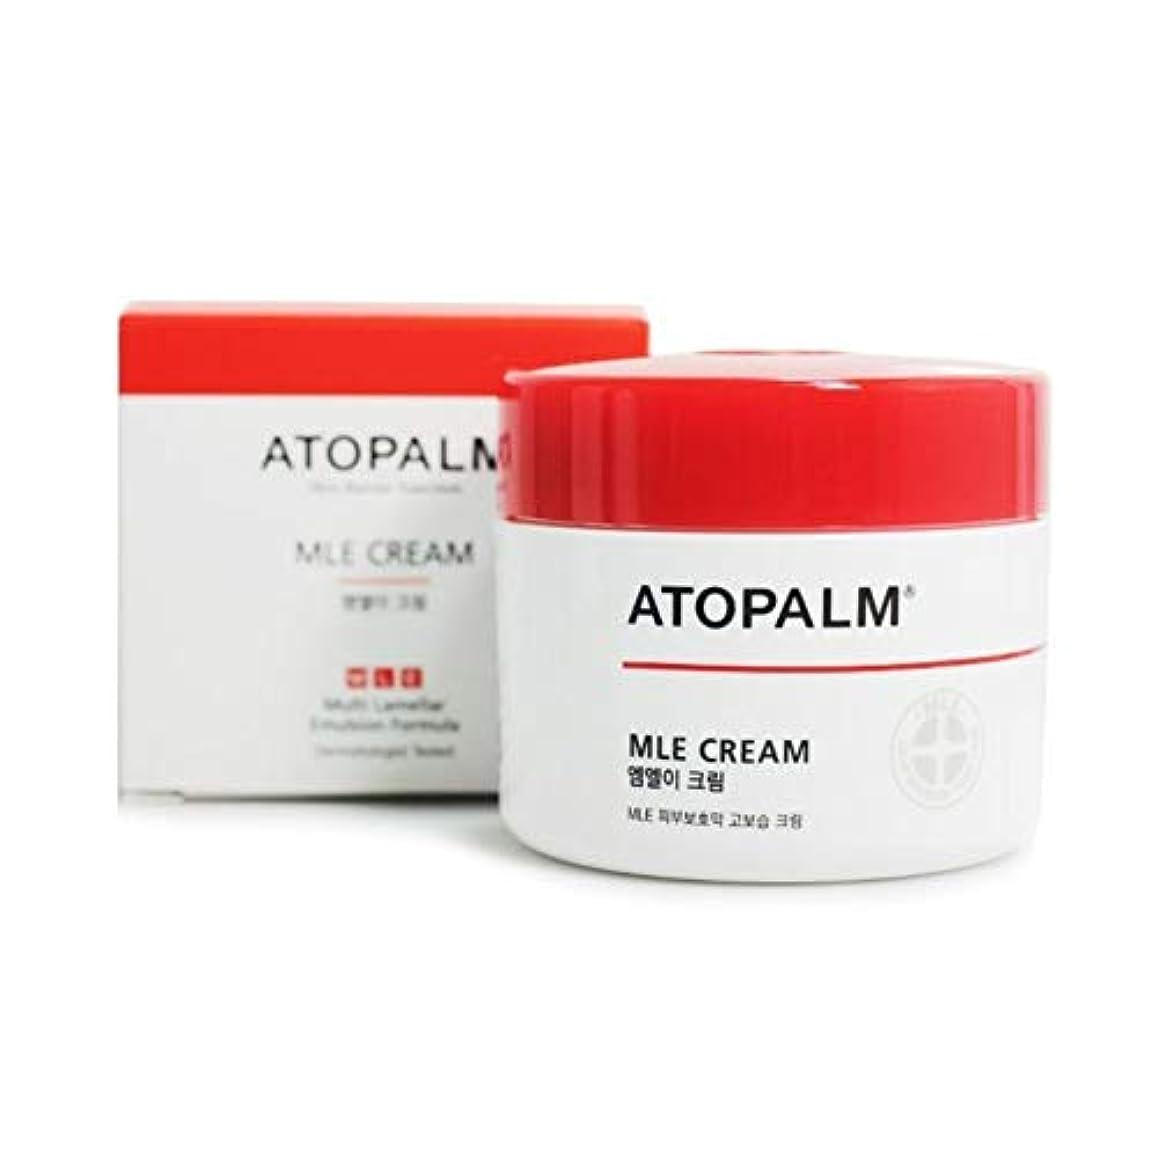 出身地製造閉塞アトパムMLEクリーム160mlベビークリーム韓国コスメ、Atopalm MLE Cream 160ml Baby Cream Korean Cosmetics [並行輸入品]